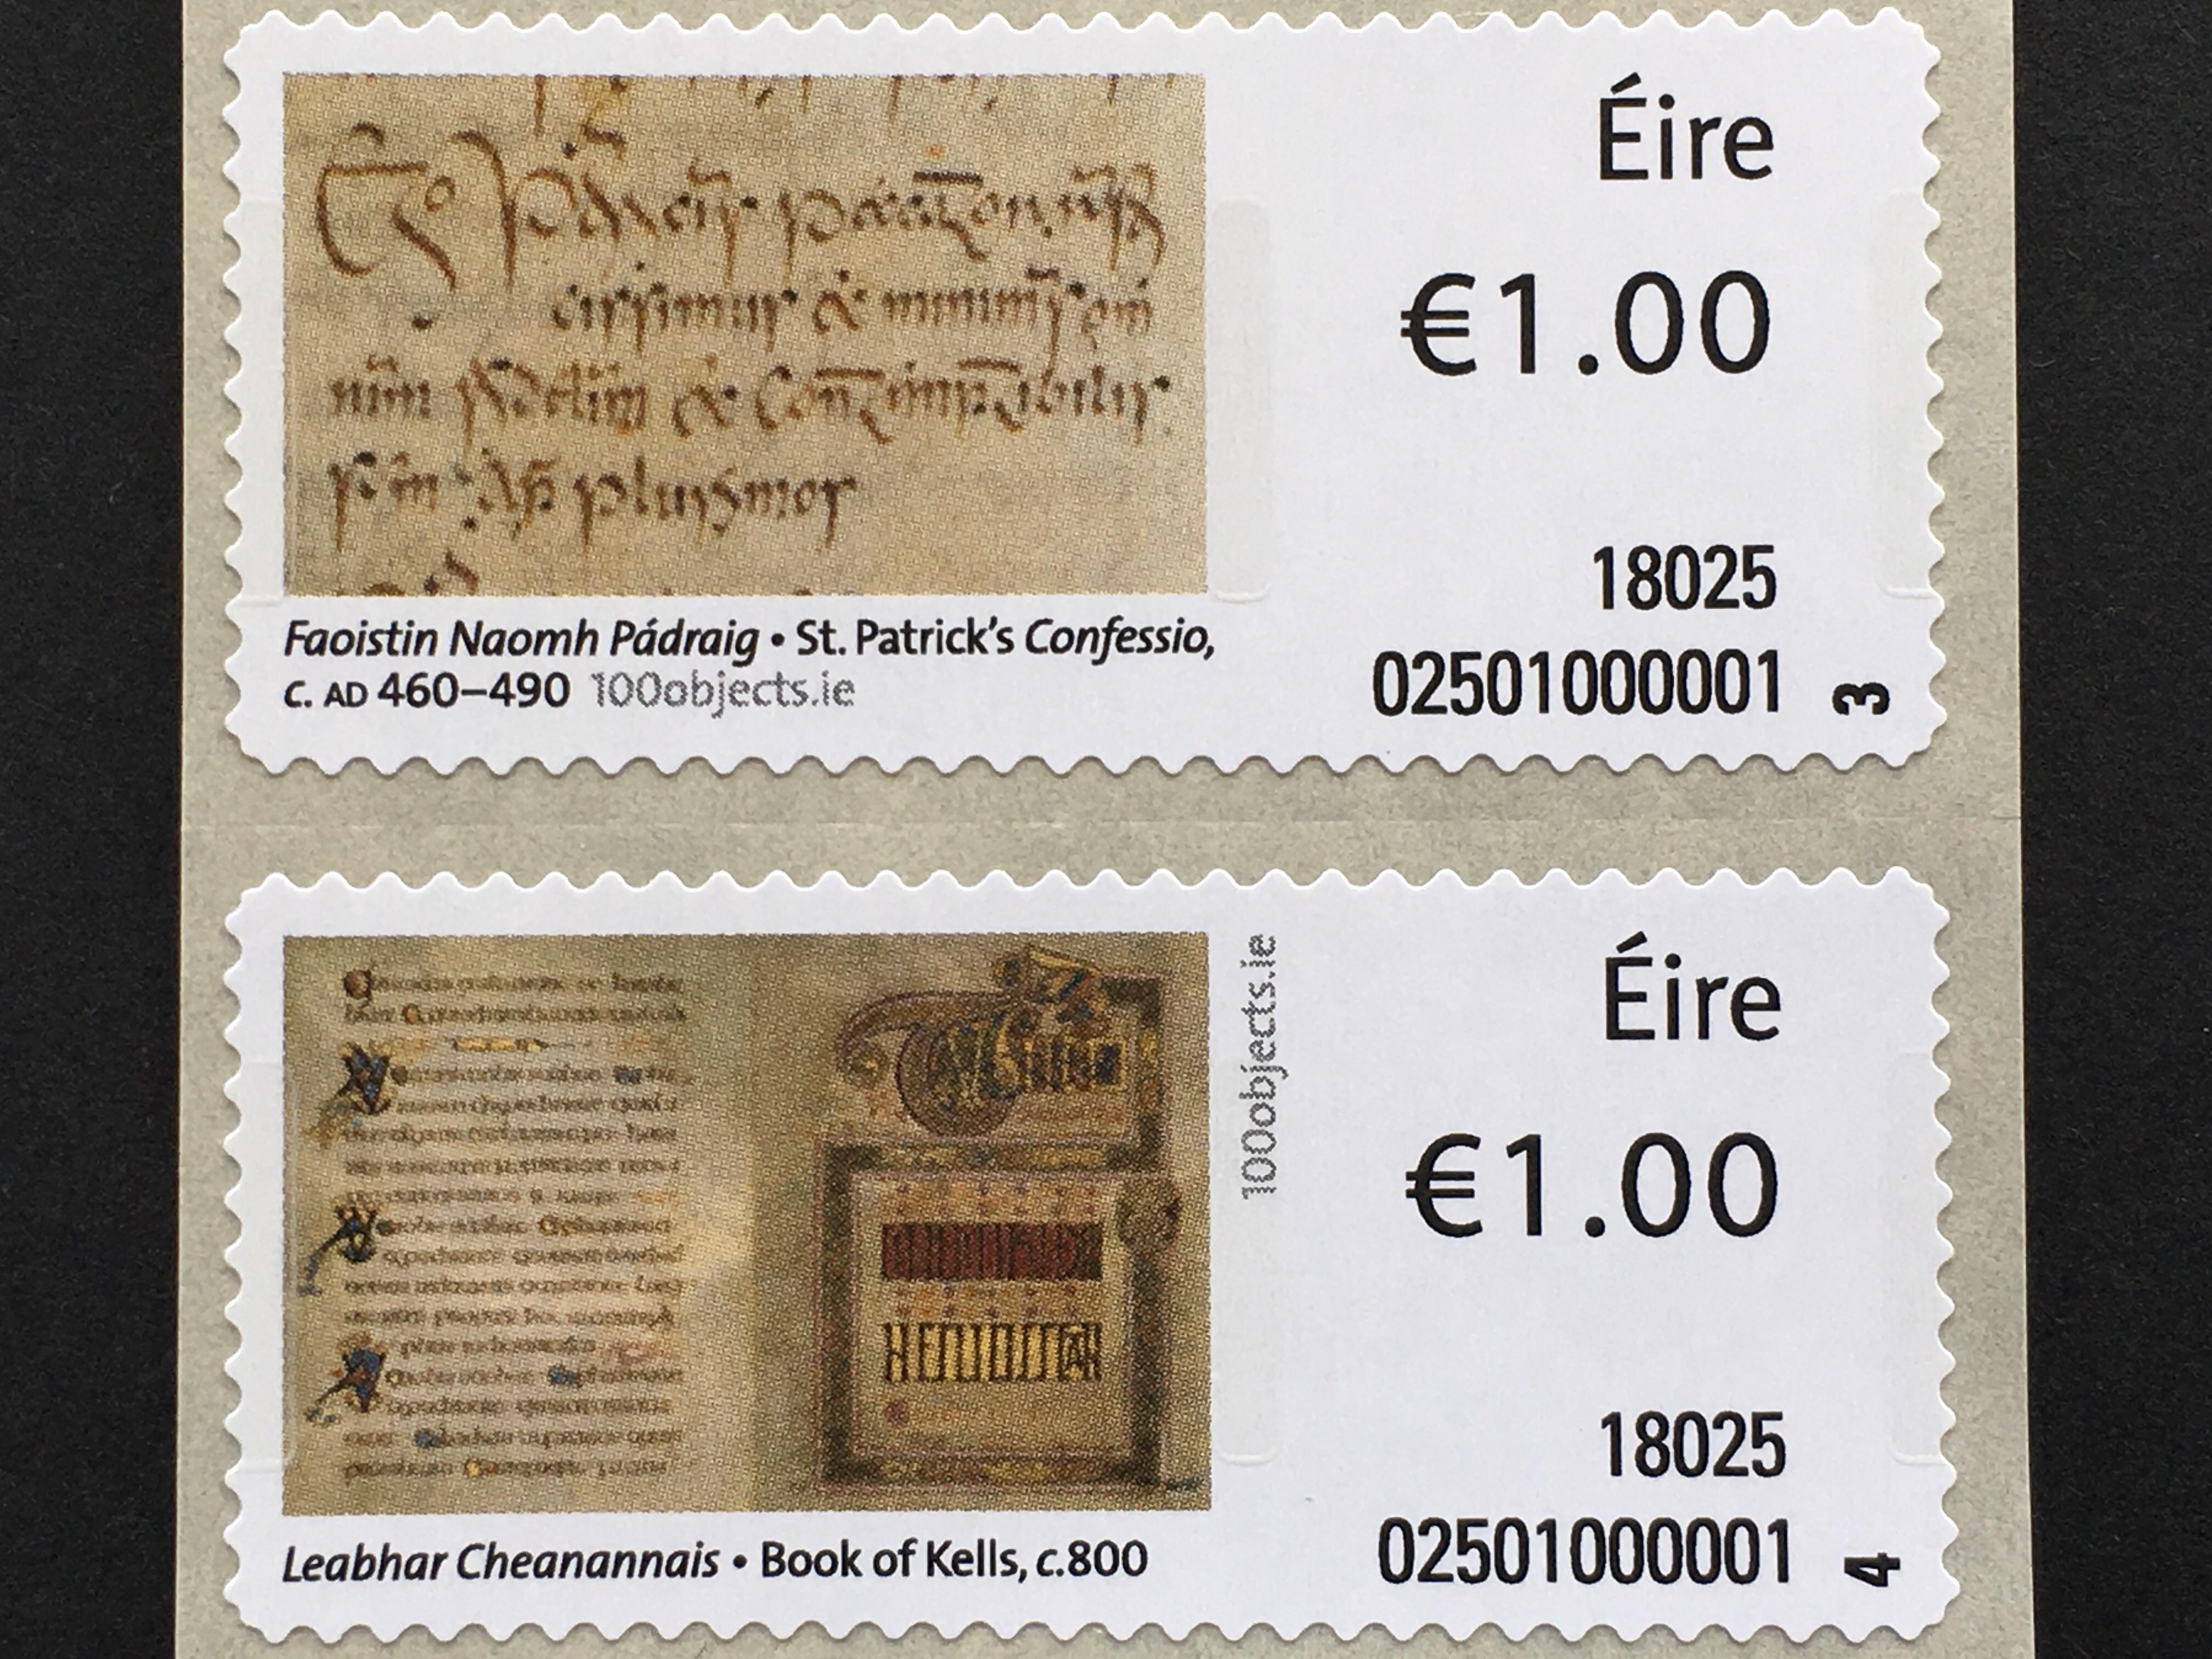 Europa ** Postfrisch Irland-markenheftchen 12 Oldtimer Automobile 1989